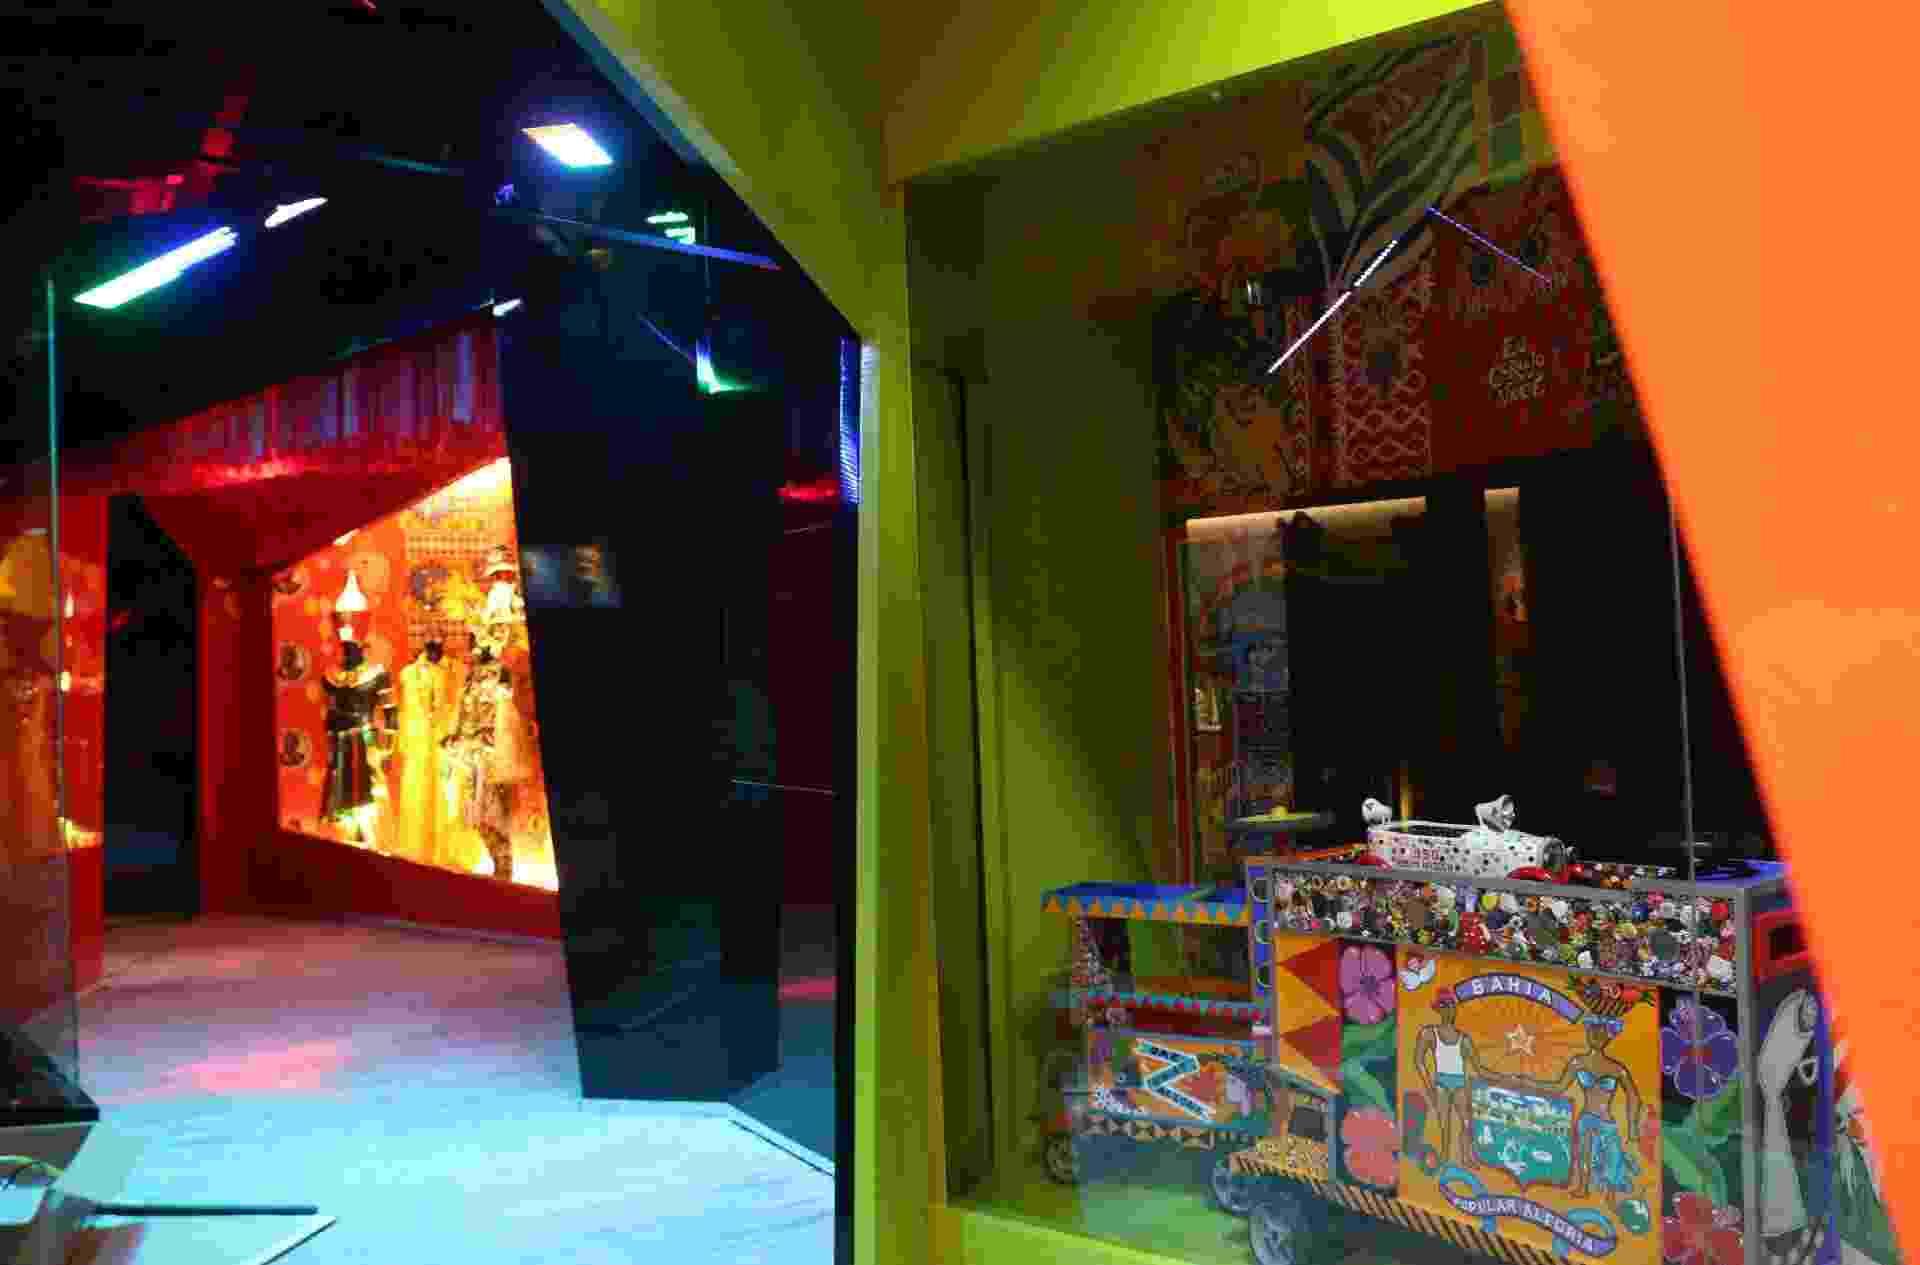 Casa do Carnaval da Bahia estreia nesta segunda (5) e vai contar a história do Carnaval - Bruno Concha/Secom